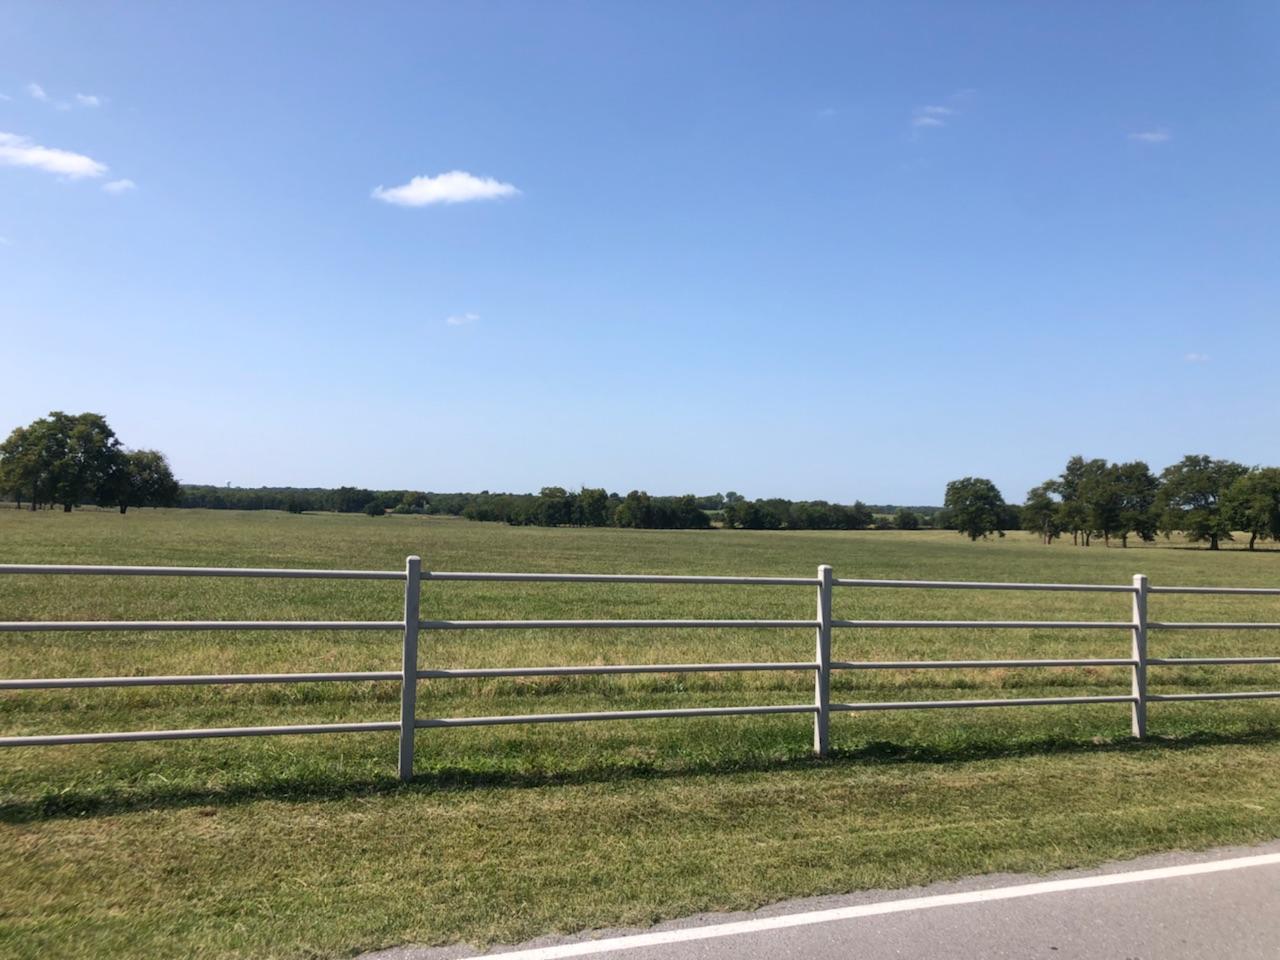 Tbd North Farm Rd Strafford, MO 65757